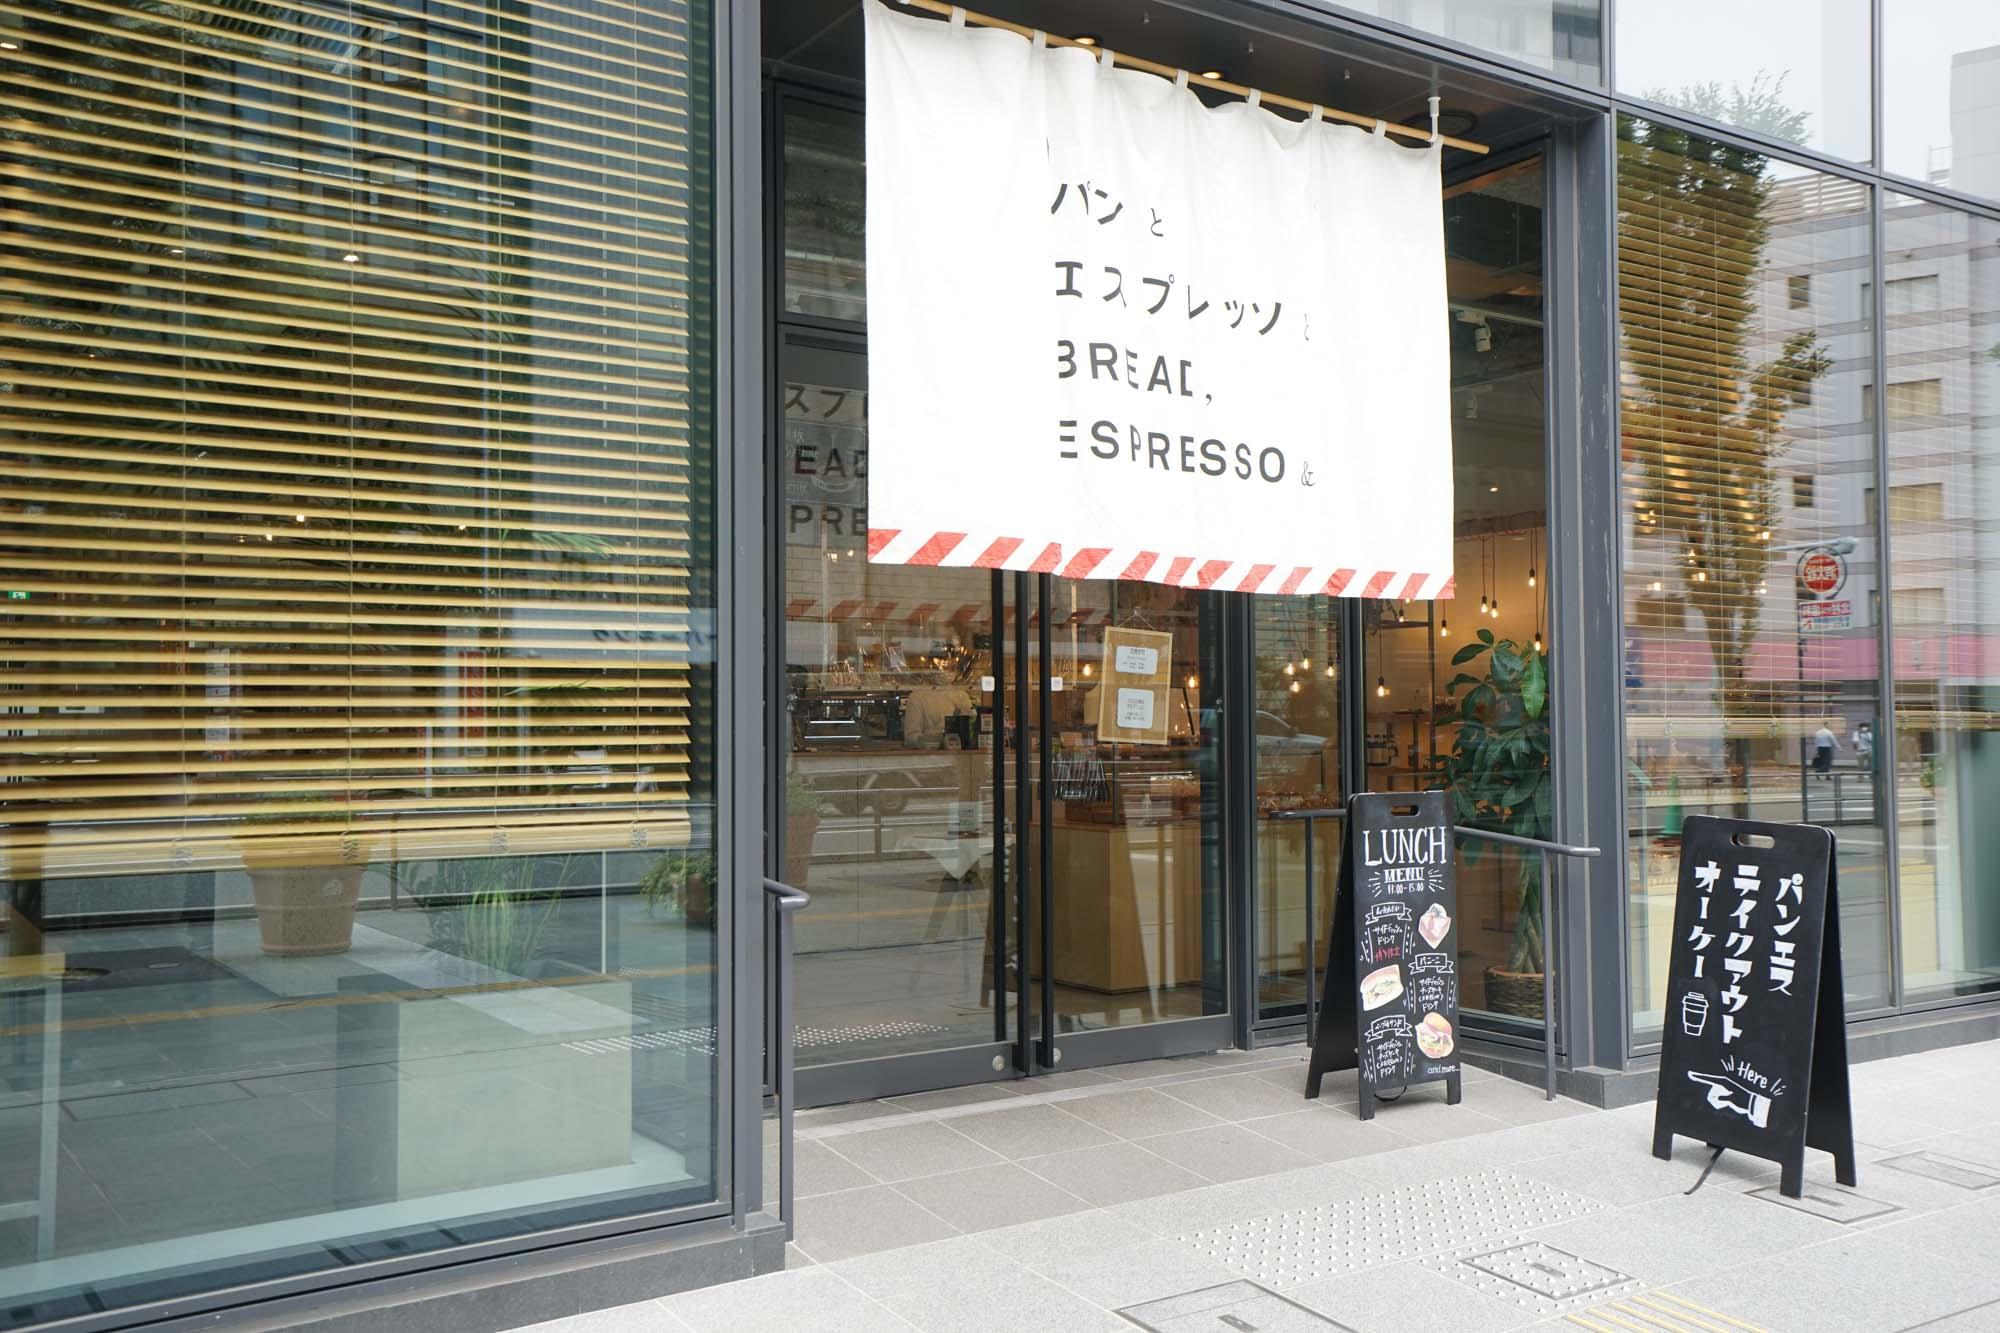 さらに、そのお隣には大好きなお店「パンとエスプレッソと」が入っていました!ランチは毎日ここでもいいかもしれない。